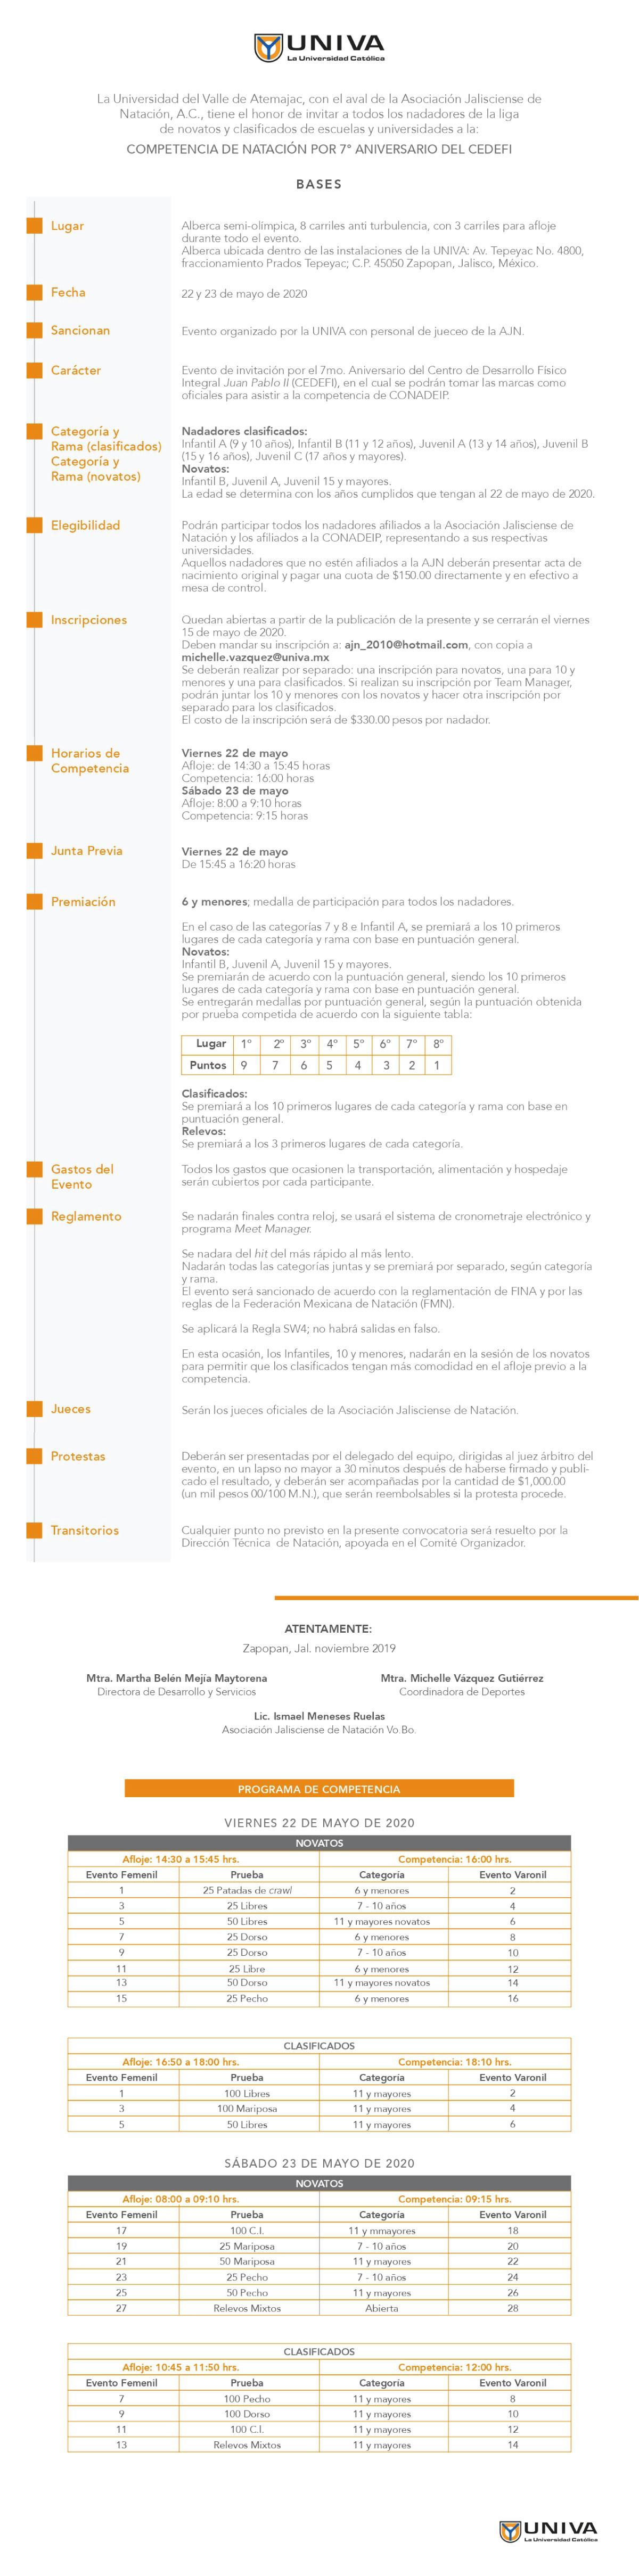 Convocatoria Competencia Natación 7° Aniversario CEDEFI